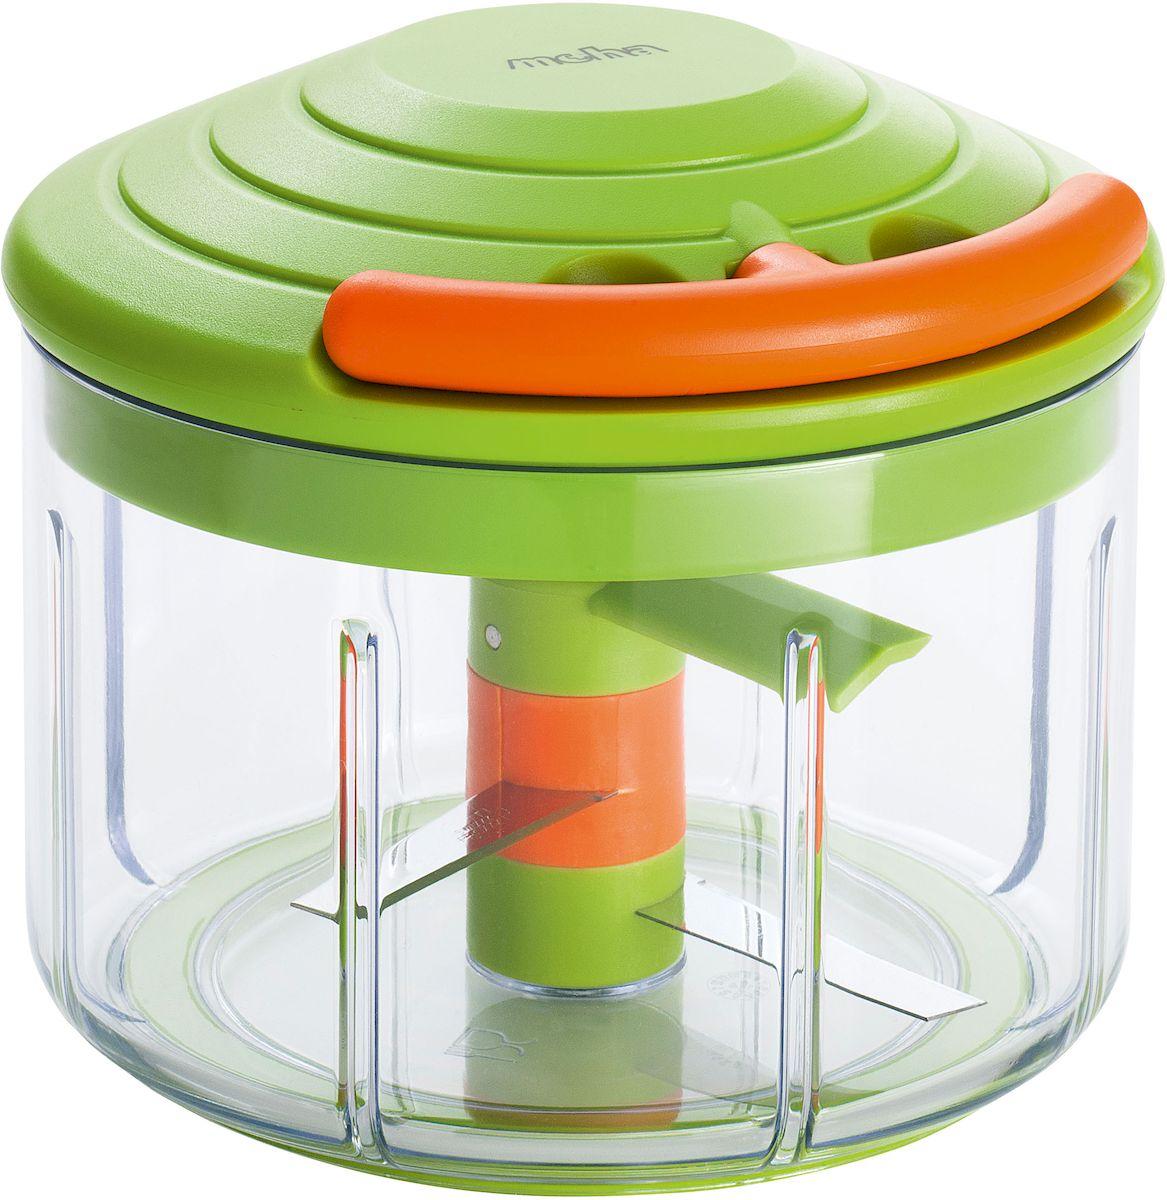 Измельчитель-чоппер Moha Speedy Max, со смесителем, крышкой для хранения, цвет: зеленый, оранжевый, 0,7 л15017Измельчитель-чоппер Moha Speedy Max выполнен из экологически чистого пластика. Нож из нержавеющей стали. Удобная эргономичная рабочая ручка поможет без труда и усилий измельчить любые овощи. Практичный поворотный механизм создан специально для получения мелких кубиков. Идеален для резки лука, зелени и других овощей. Можно использовать для приготовления соусов.